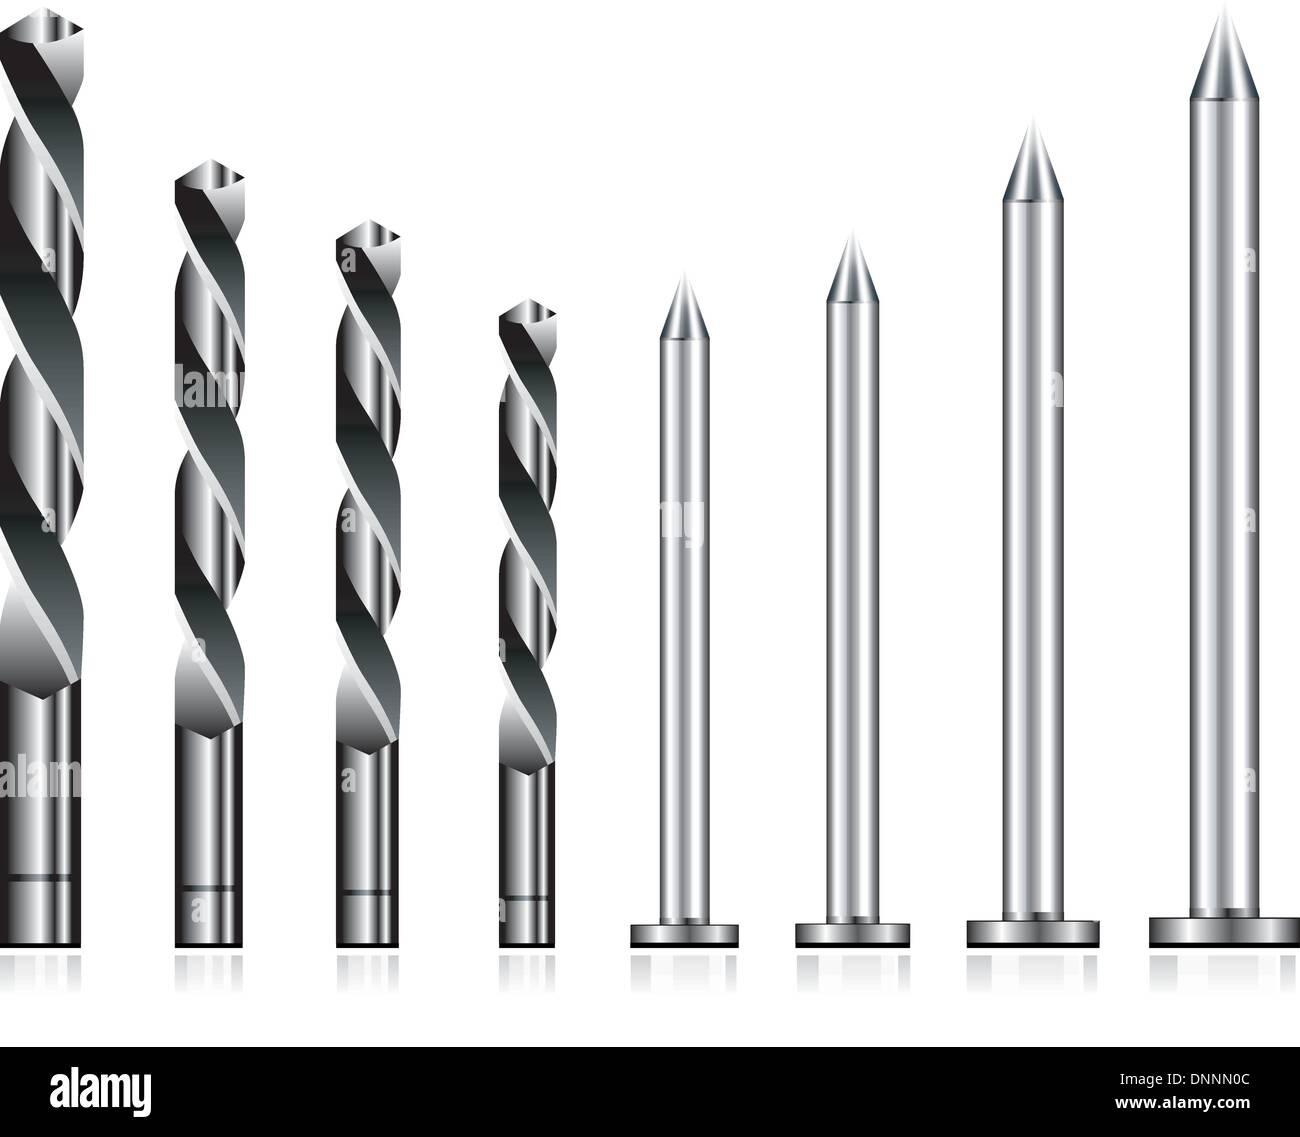 La broca y realista juego de uñas de acero Imagen De Stock